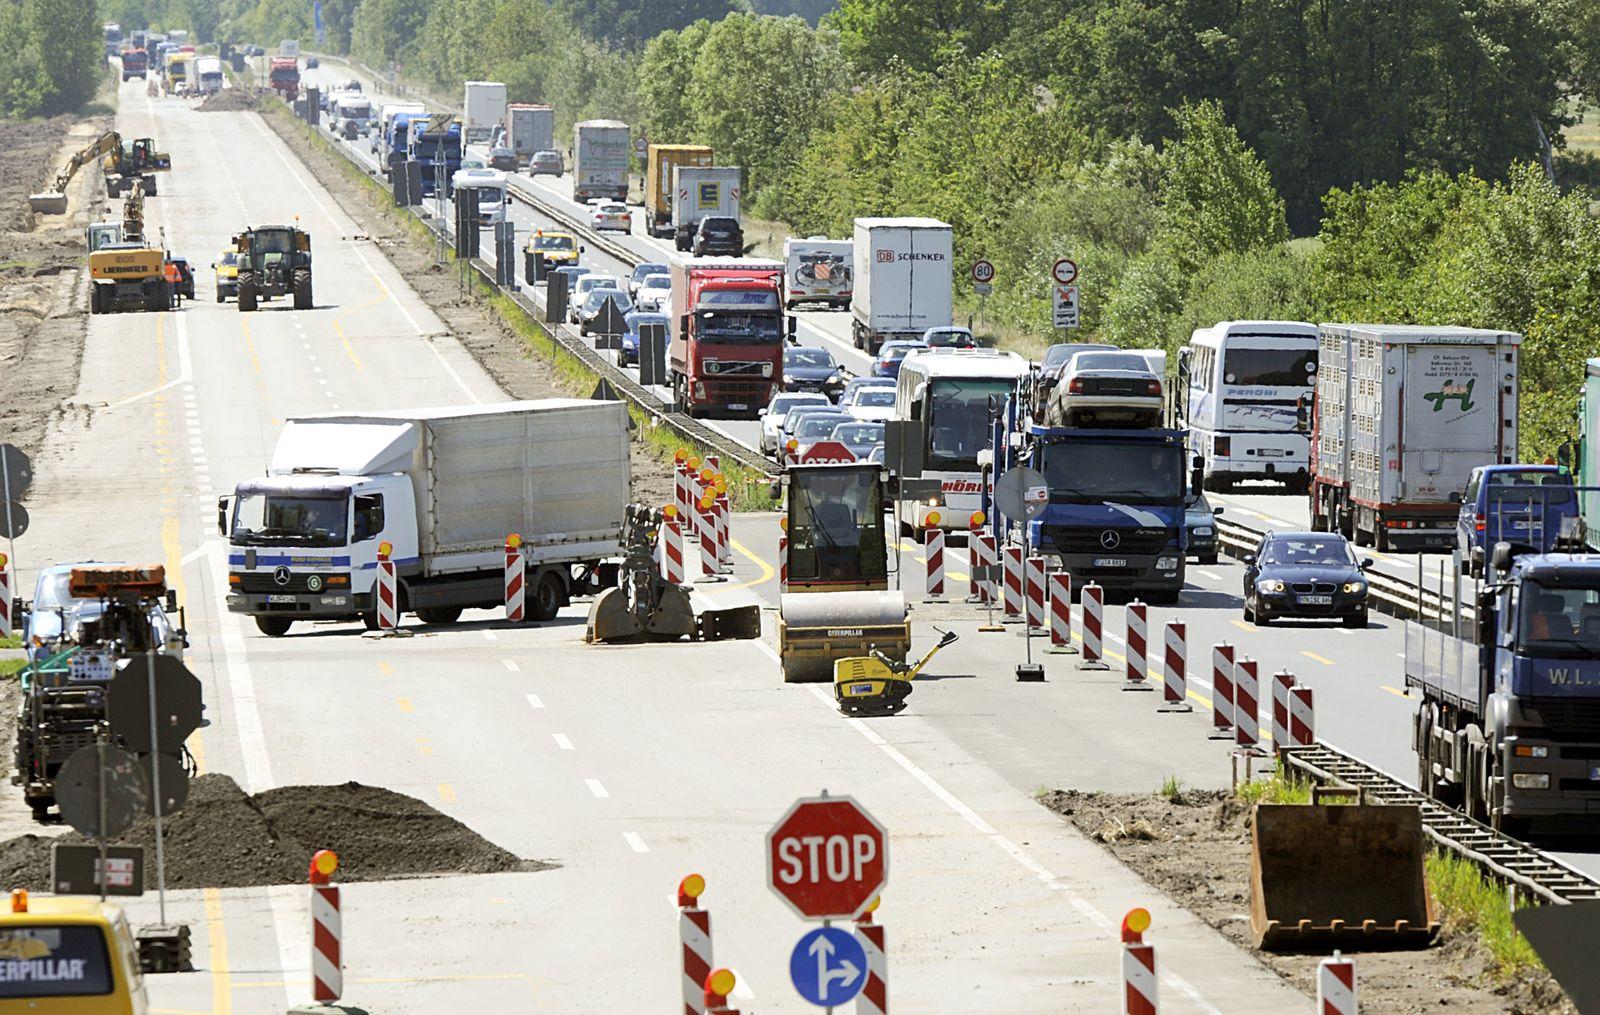 Autobahn A1 ÖPP